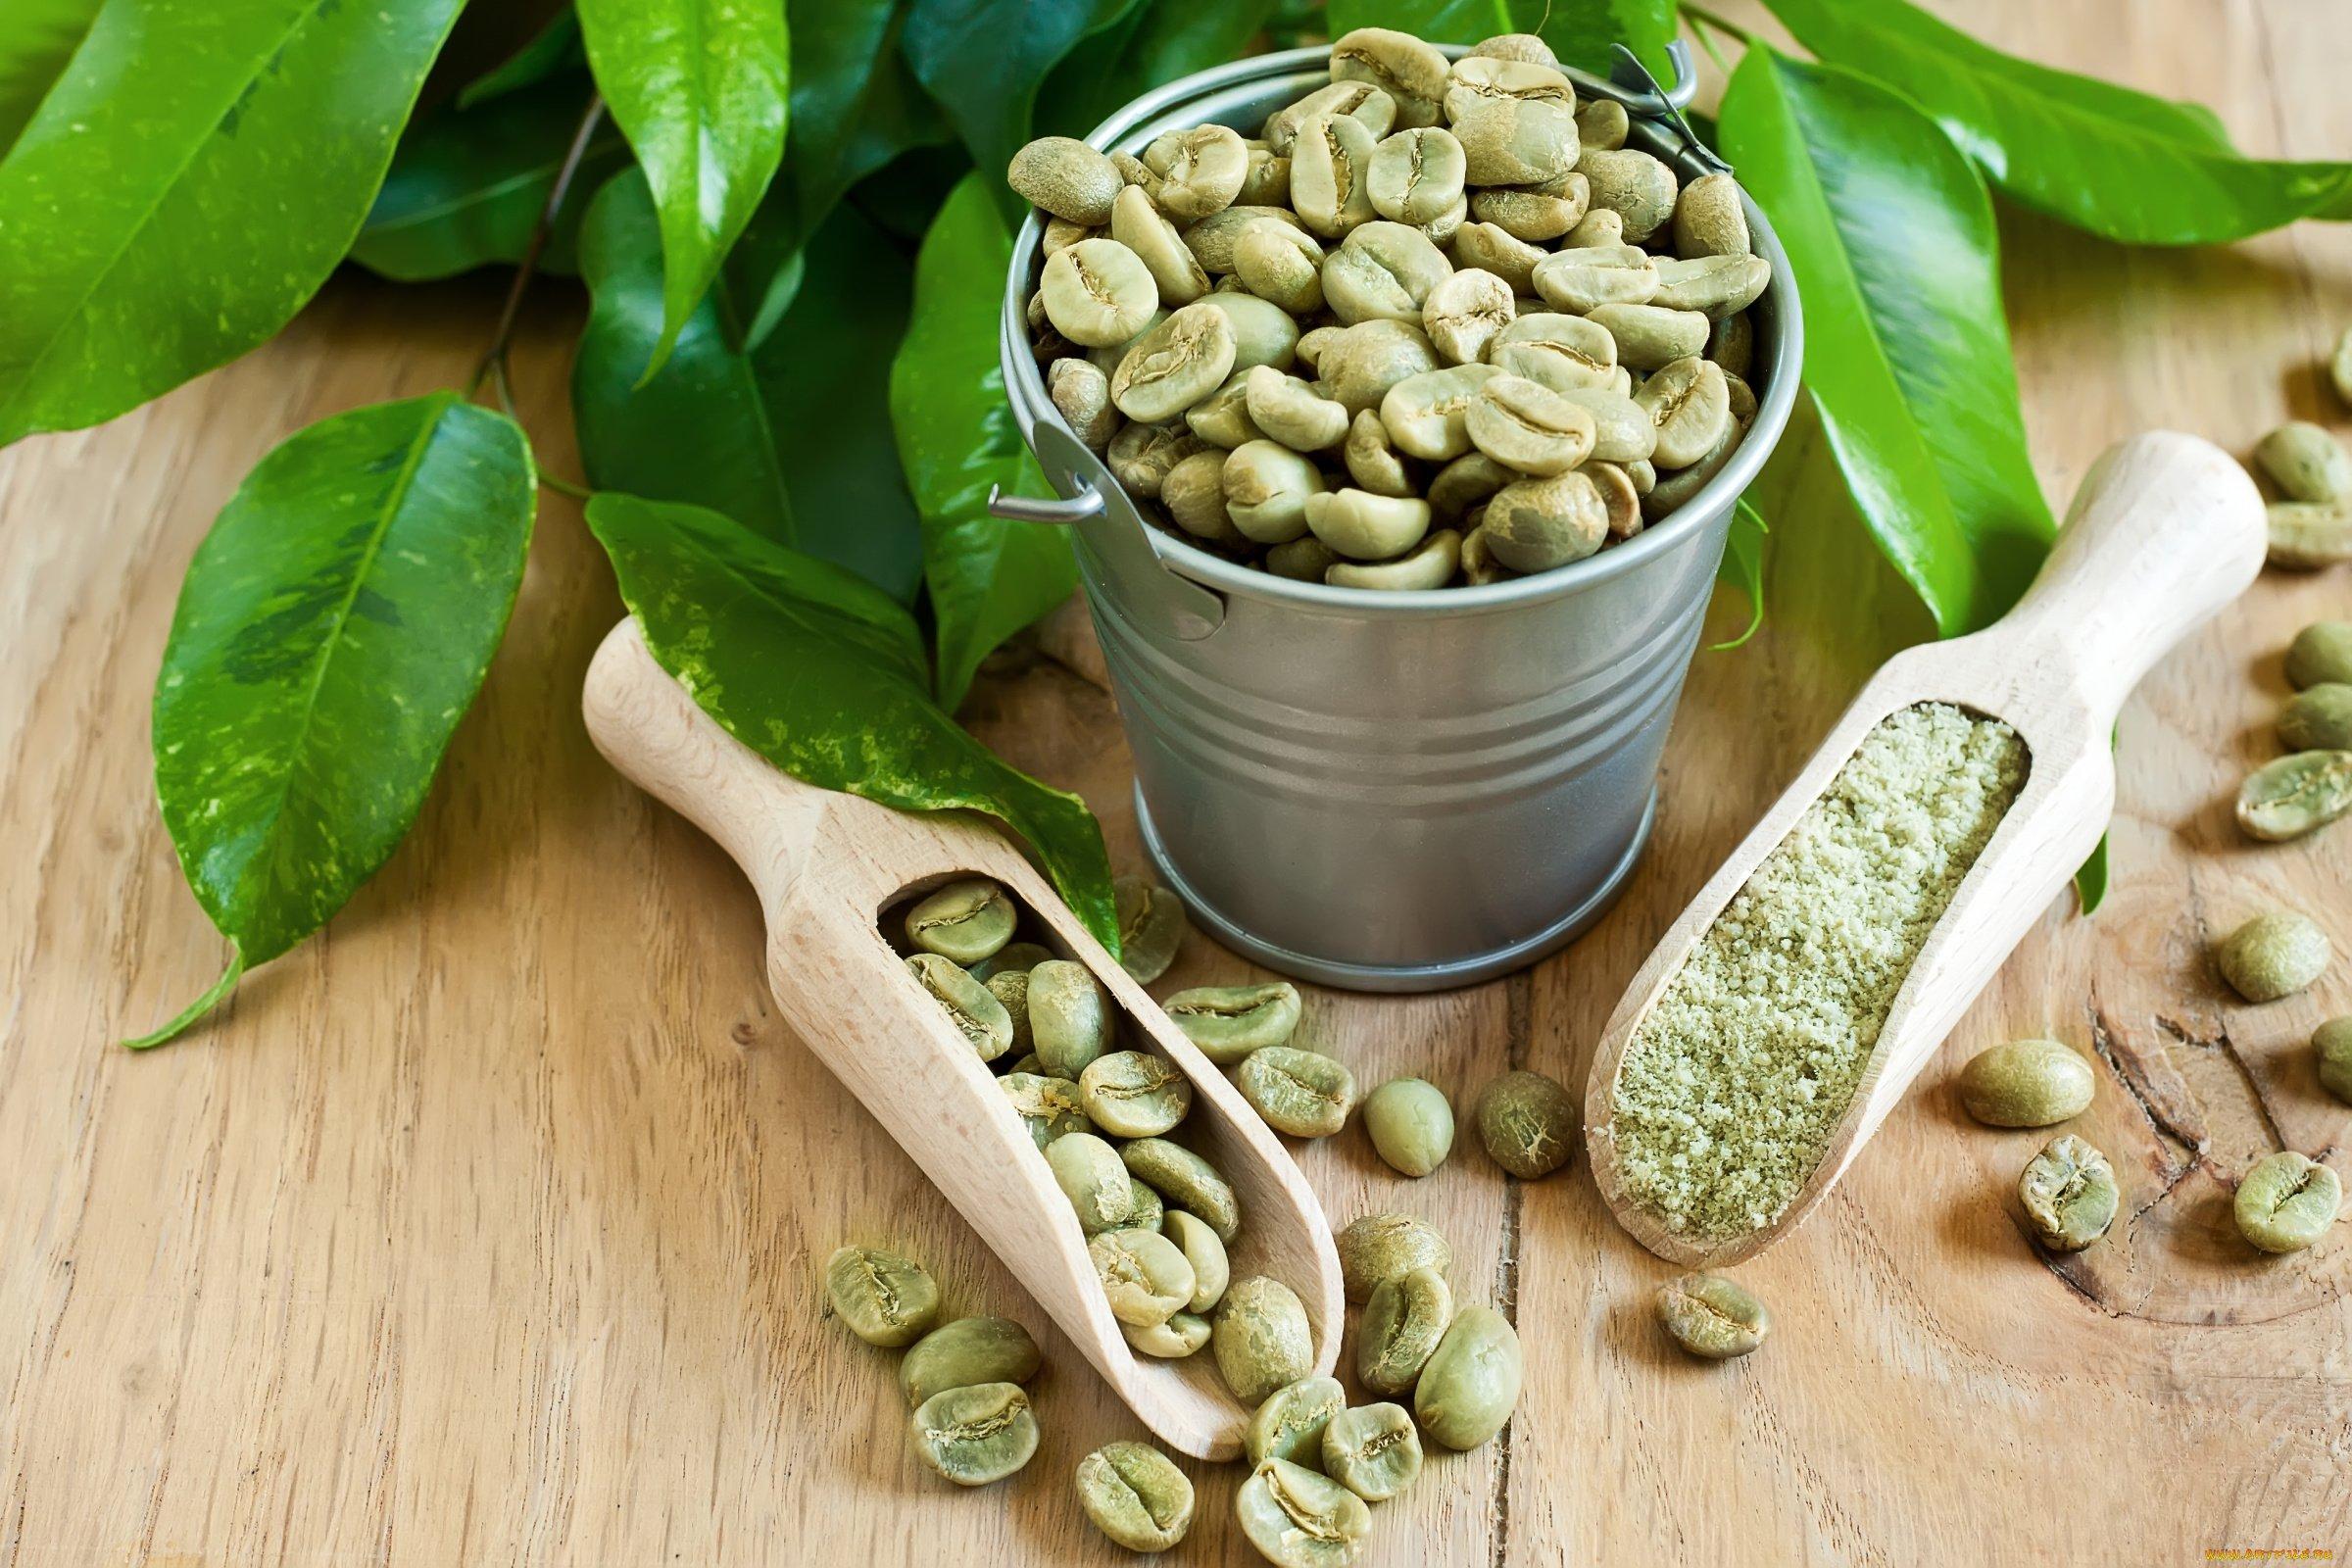 eda-kofe--kofejnye-zyorna-zelenyj-zerna-830380